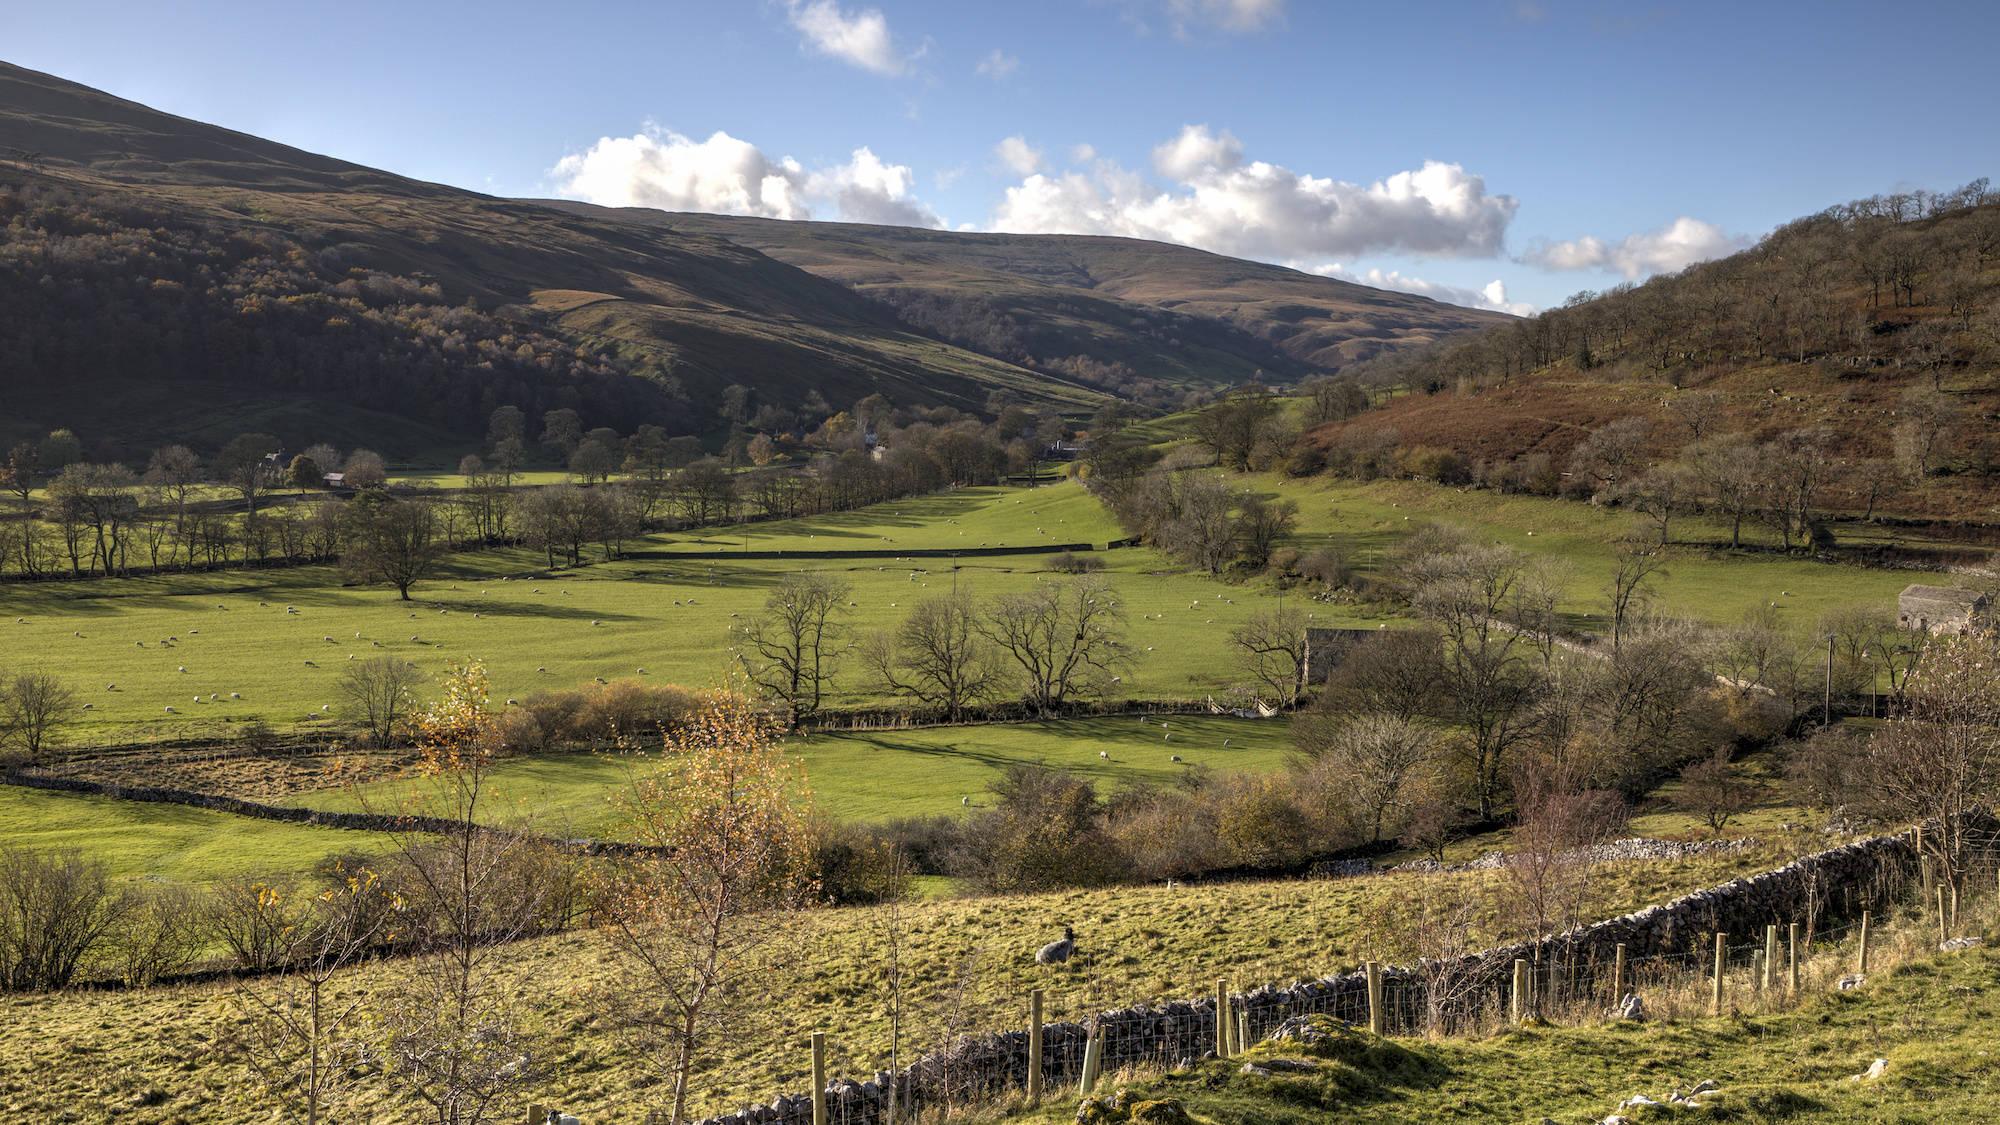 Langstrothdale and Hubberholme, Wharfedale, Birk's Fell